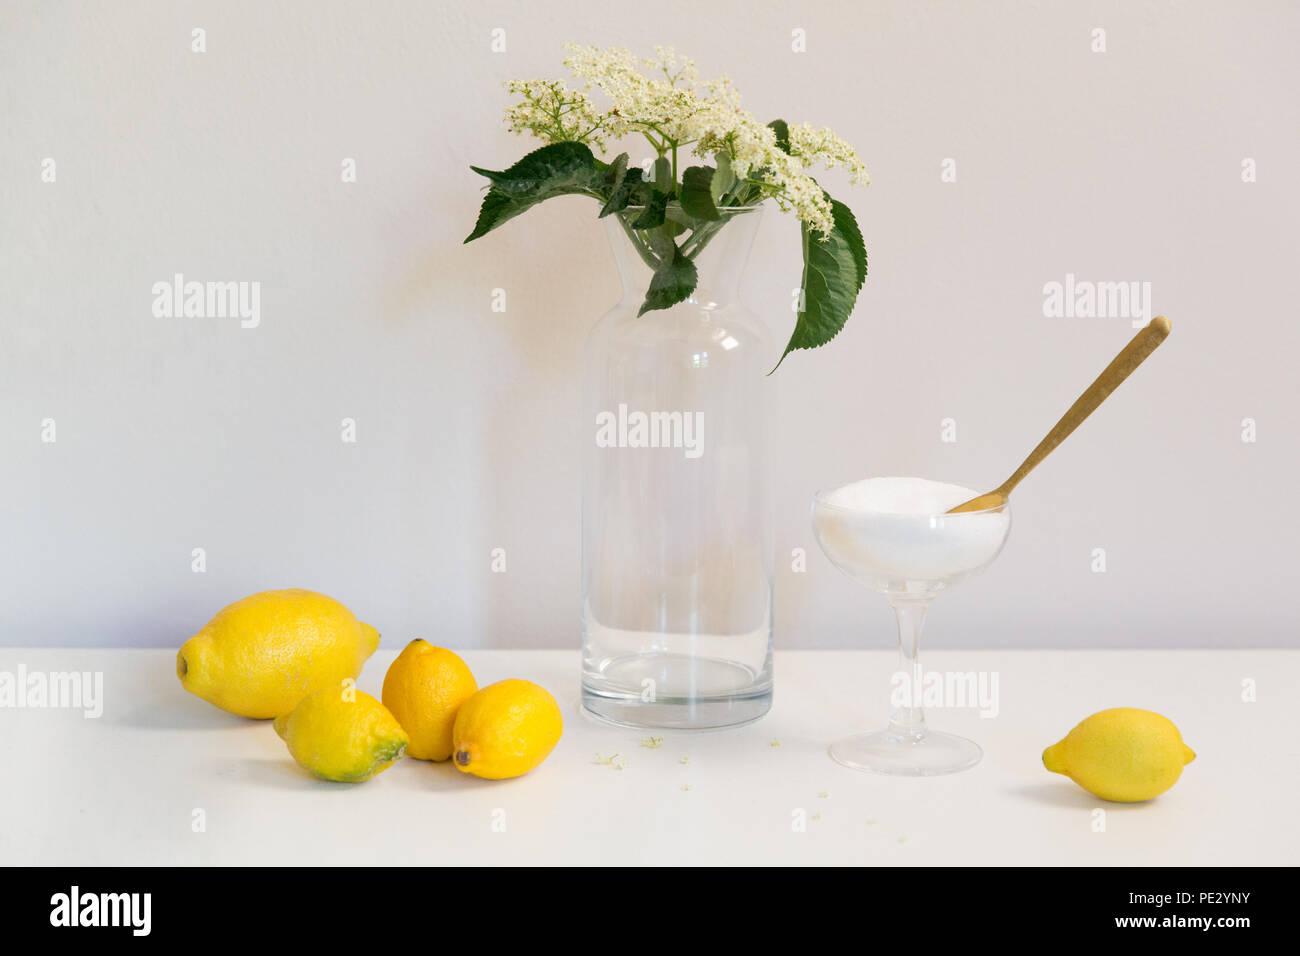 Die Bestandteile von Holunderblüten herzlichen (Wein, Sirup, Sekt, Champagner, Sekt) - Zitronen, Zucker und Elderflowers Stockbild